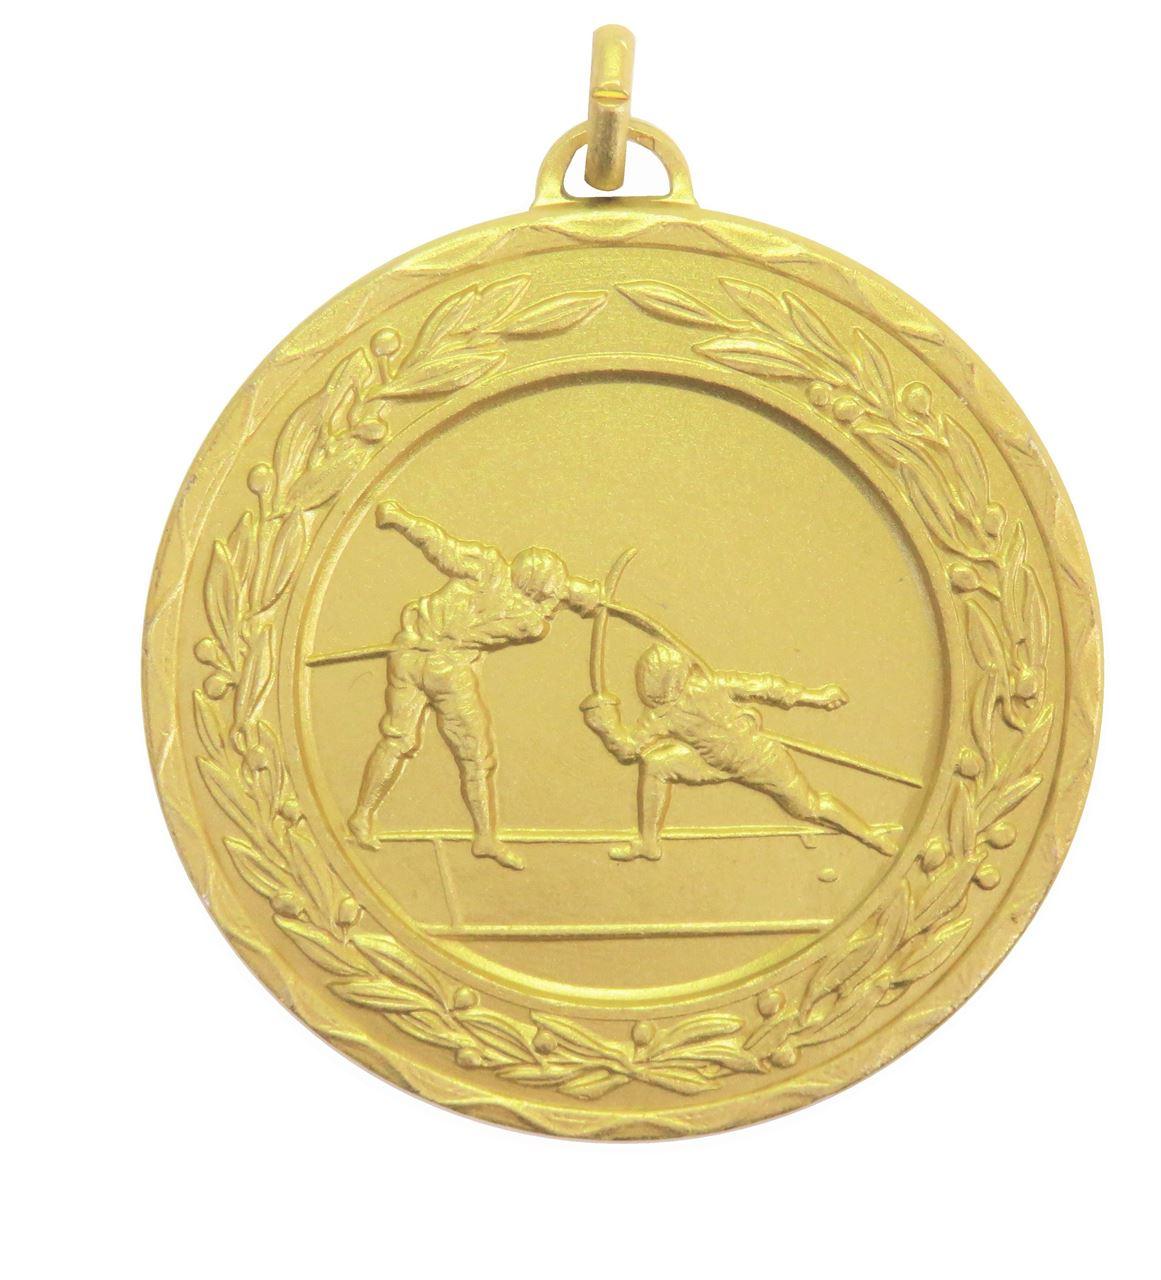 Gold Laurel Economy Fencing Medal (size: 50mm) - 4310E